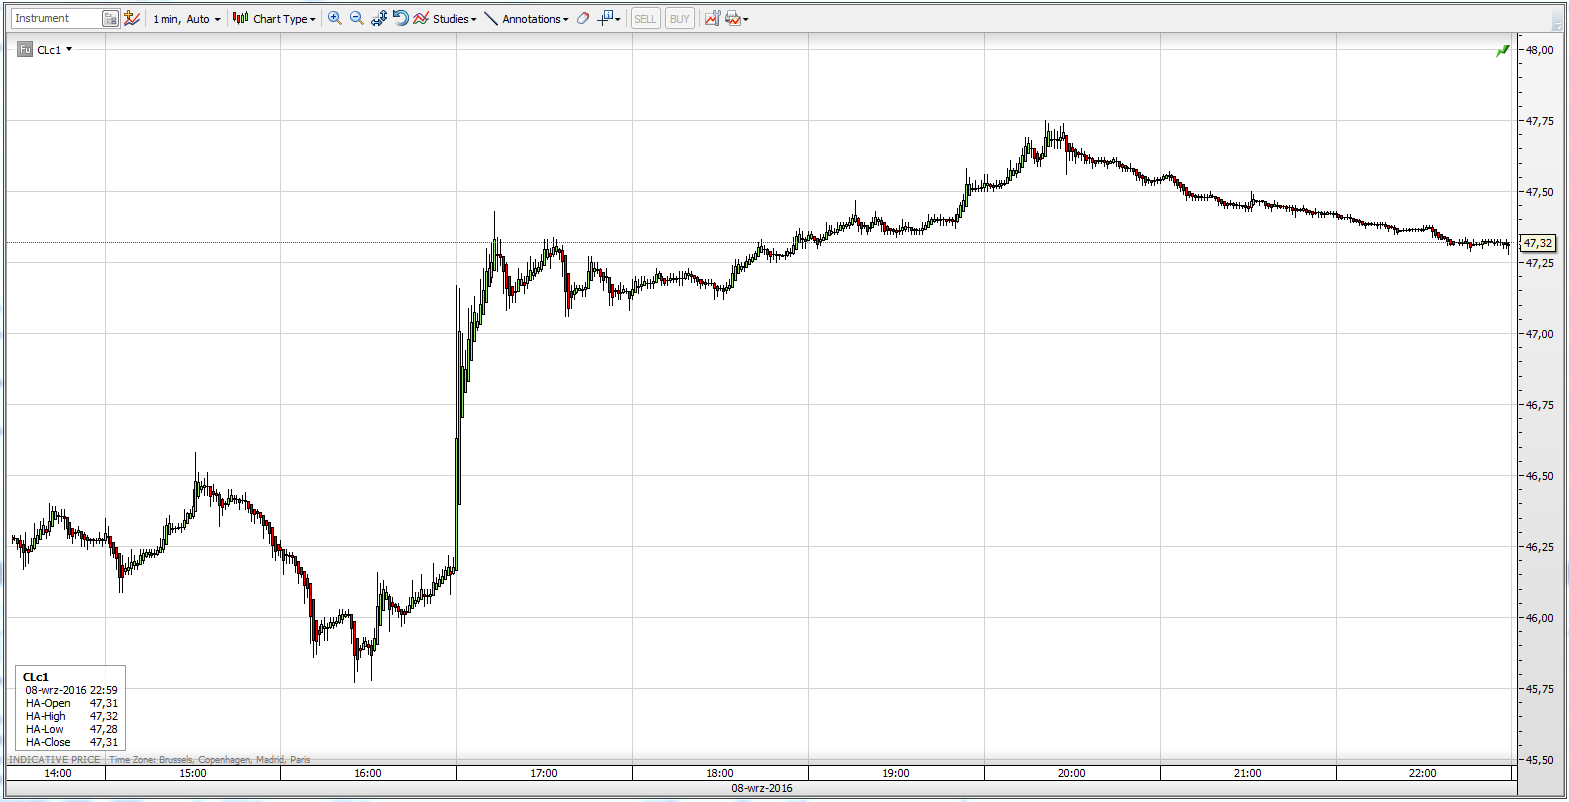 Reakcja spekulantów na dane EIA